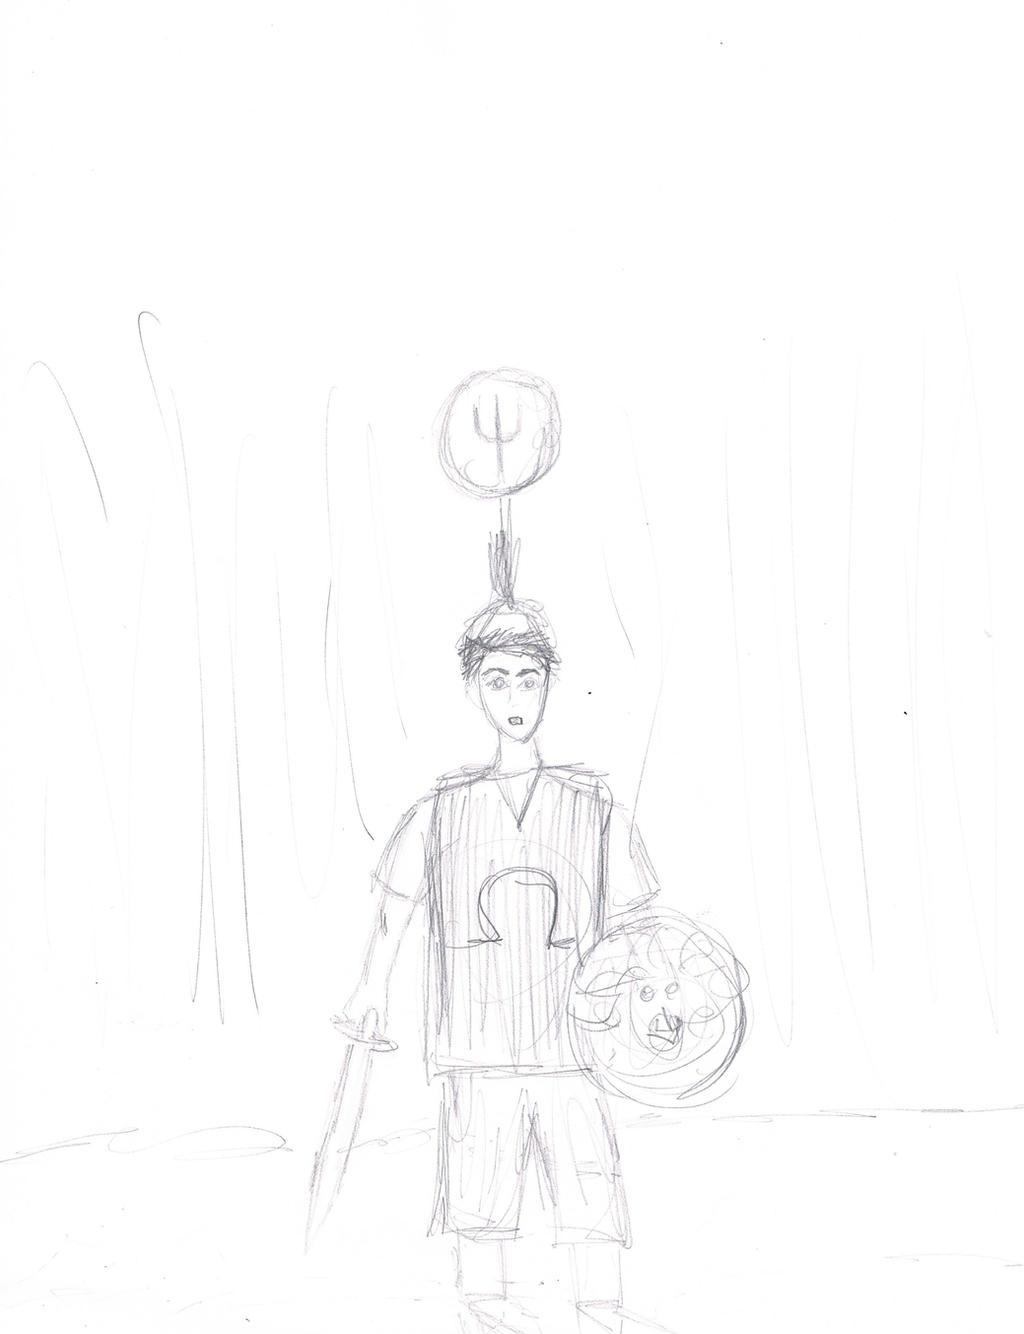 how to draw poseidon from percy jackson